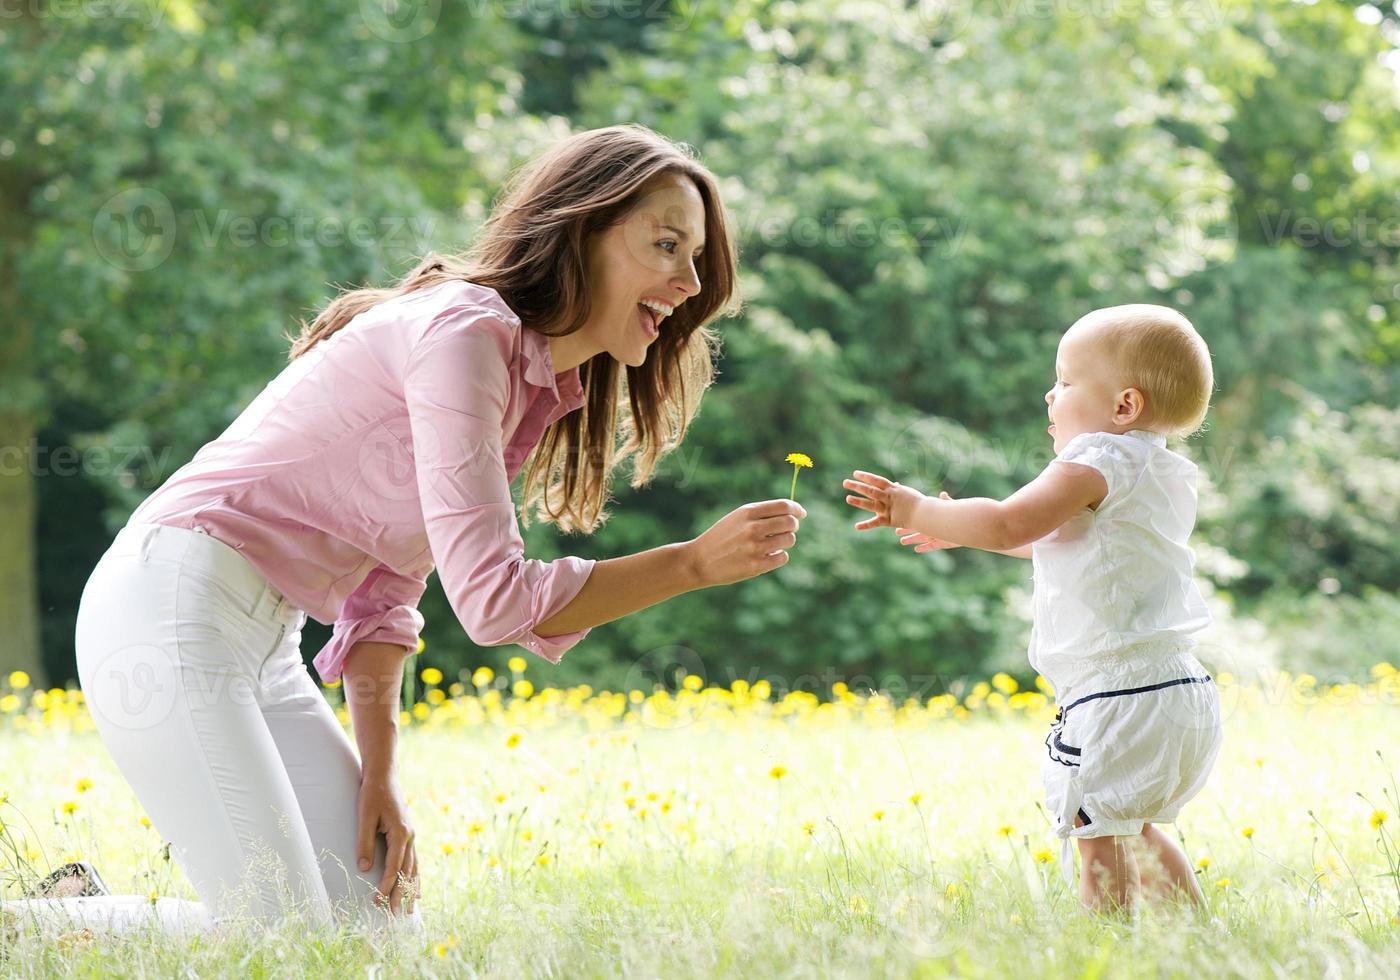 mãe feliz ensinando bebê a andar no parque foto